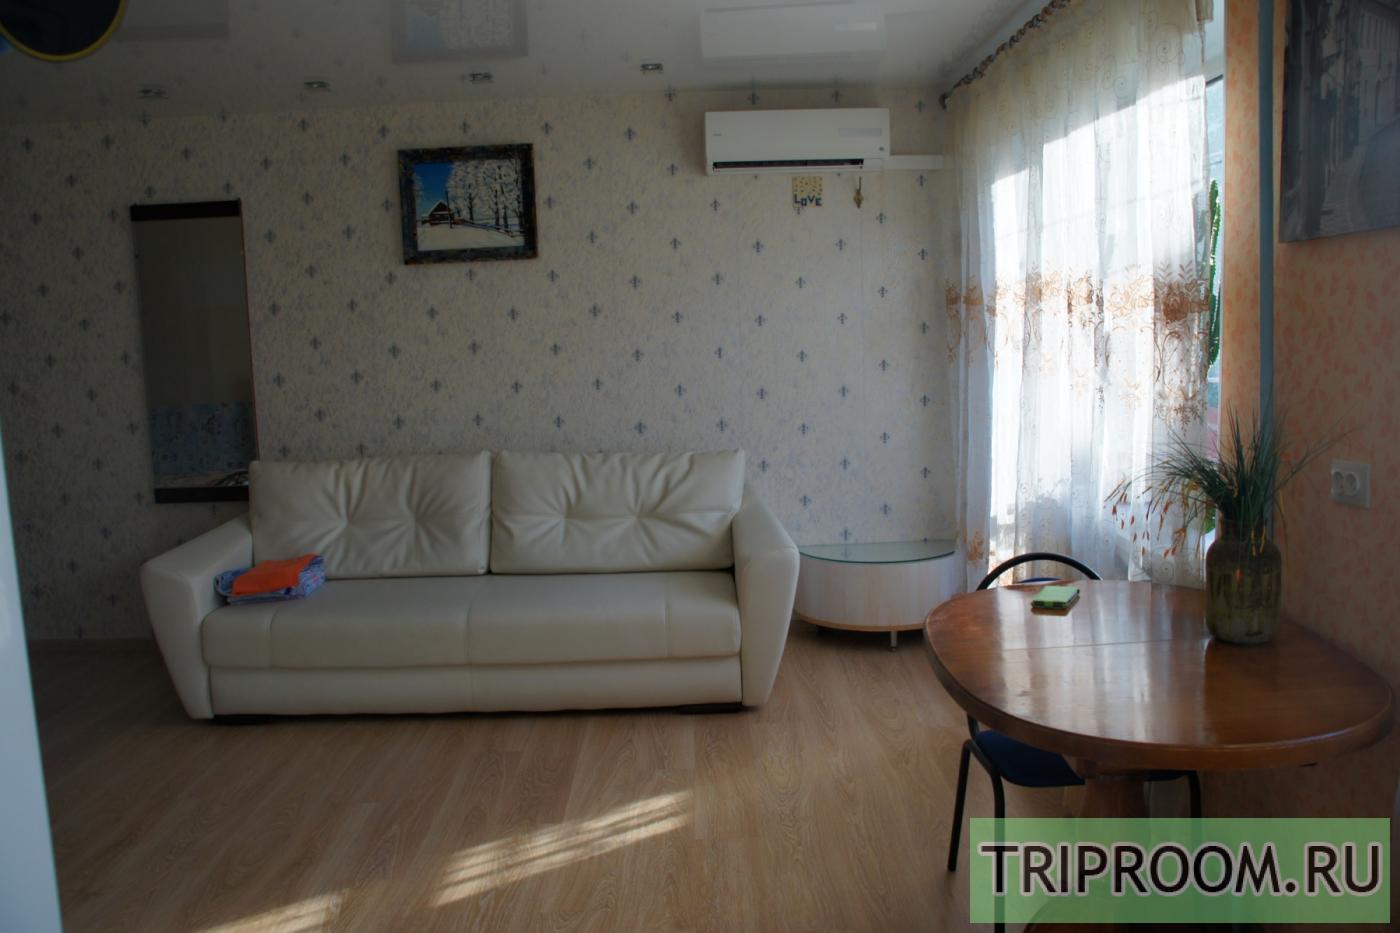 1-комнатная квартира посуточно (вариант № 18692), ул. Невская улица, фото № 3